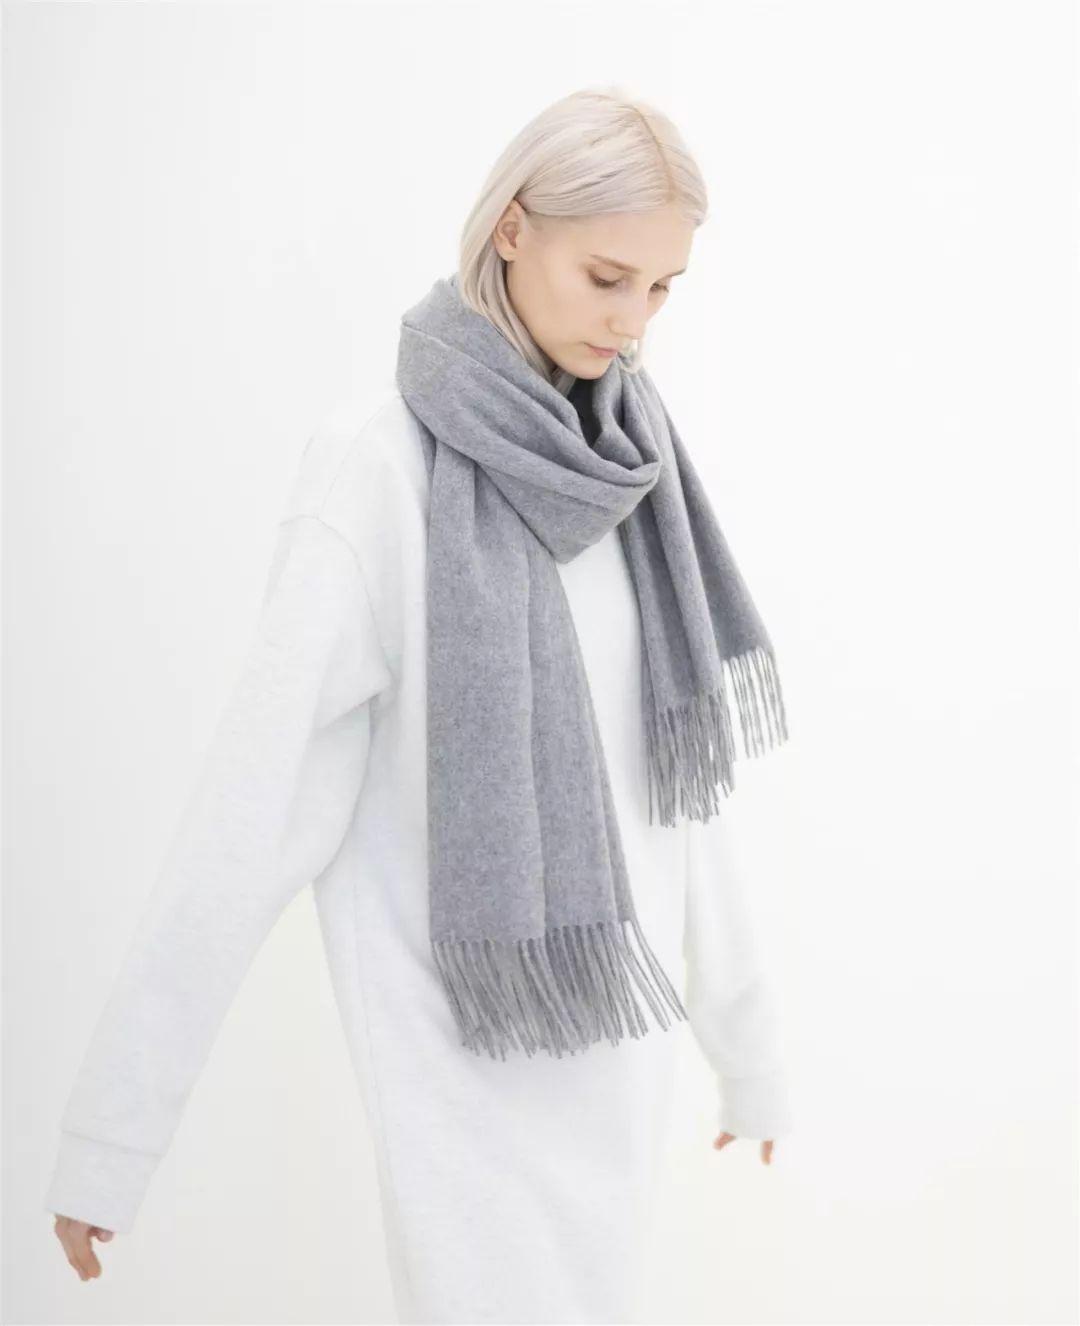 密斯冬季披肩编织